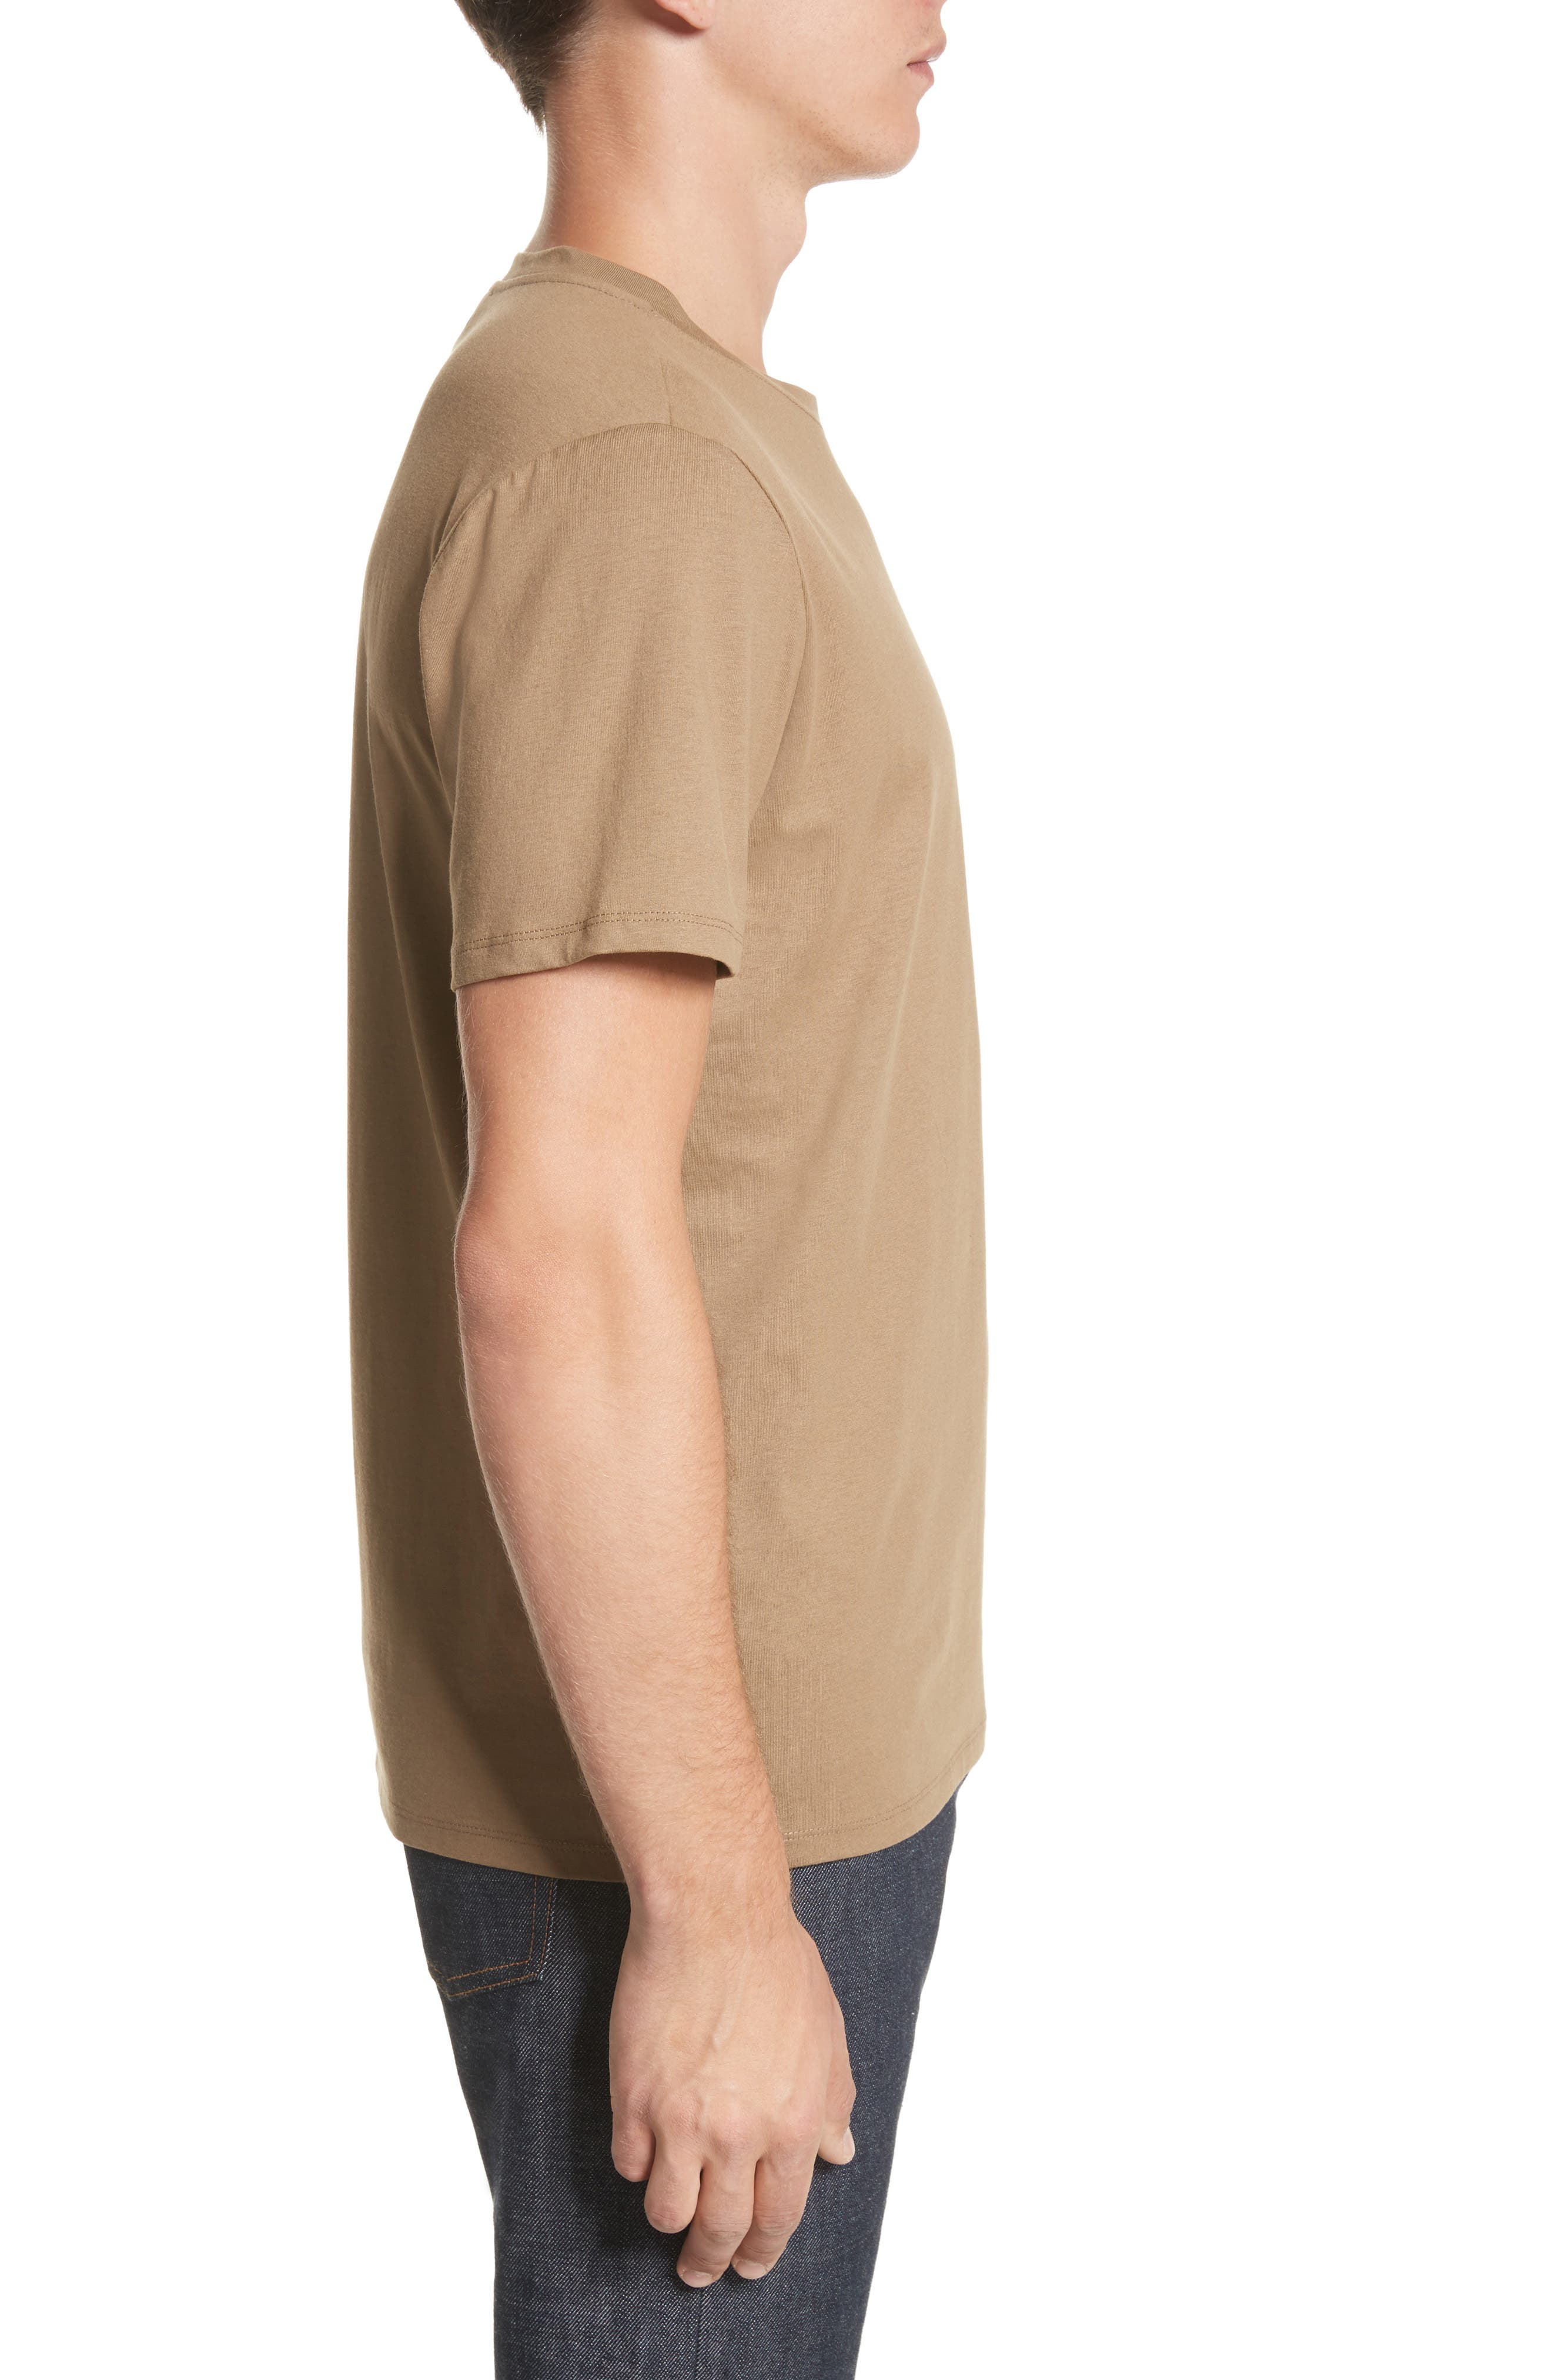 Jimmy T-Shirt,                             Alternate thumbnail 3, color,                             270